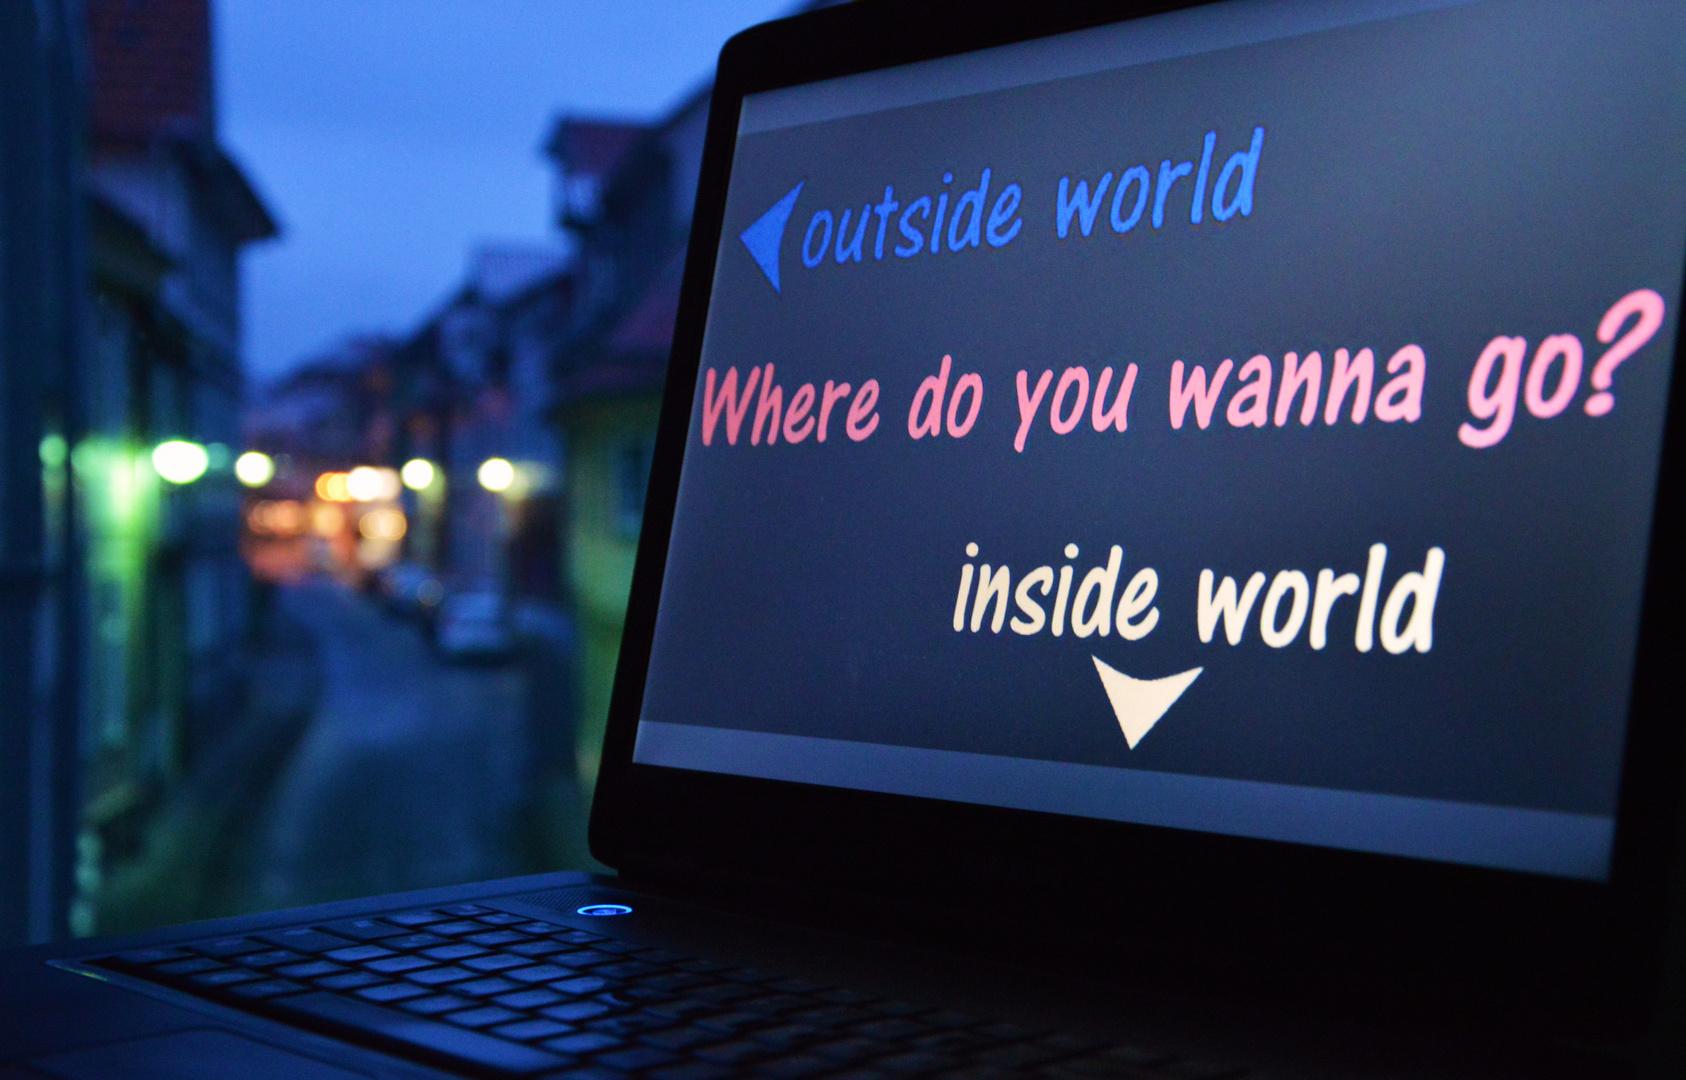 Where do you wanna go?